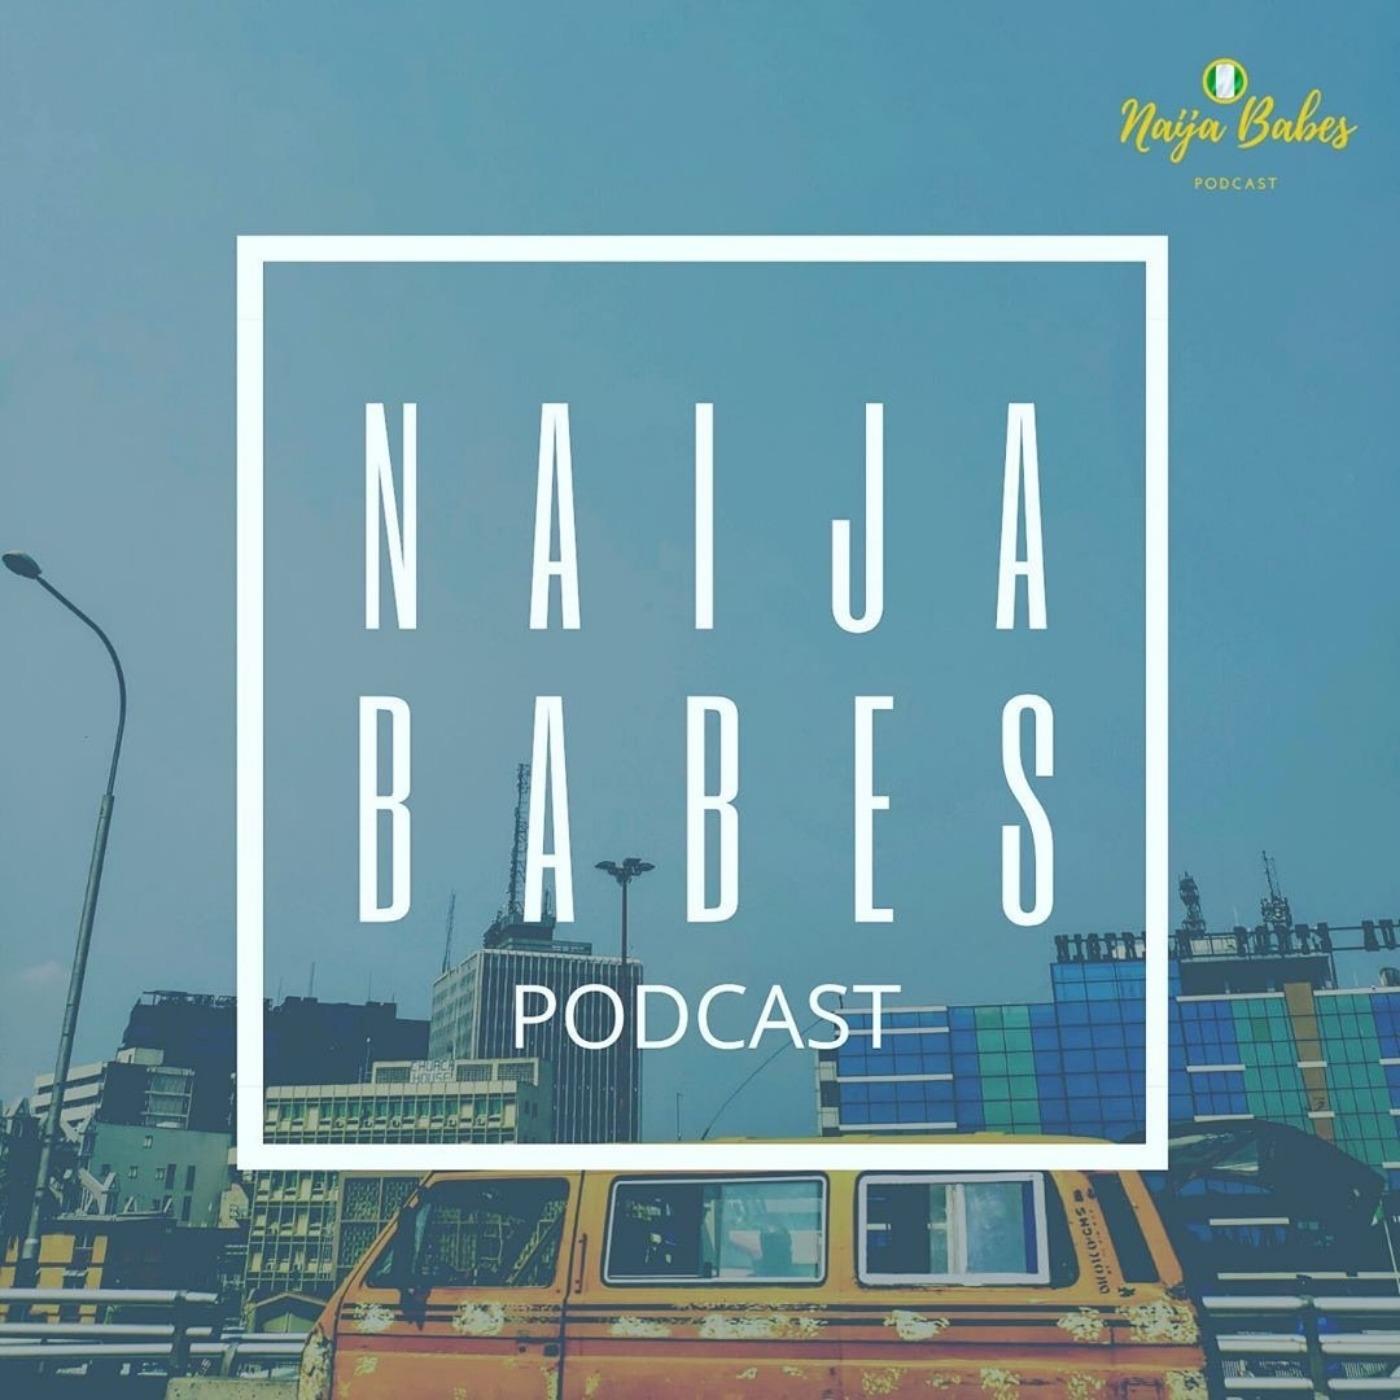 Naija Babes Podcast